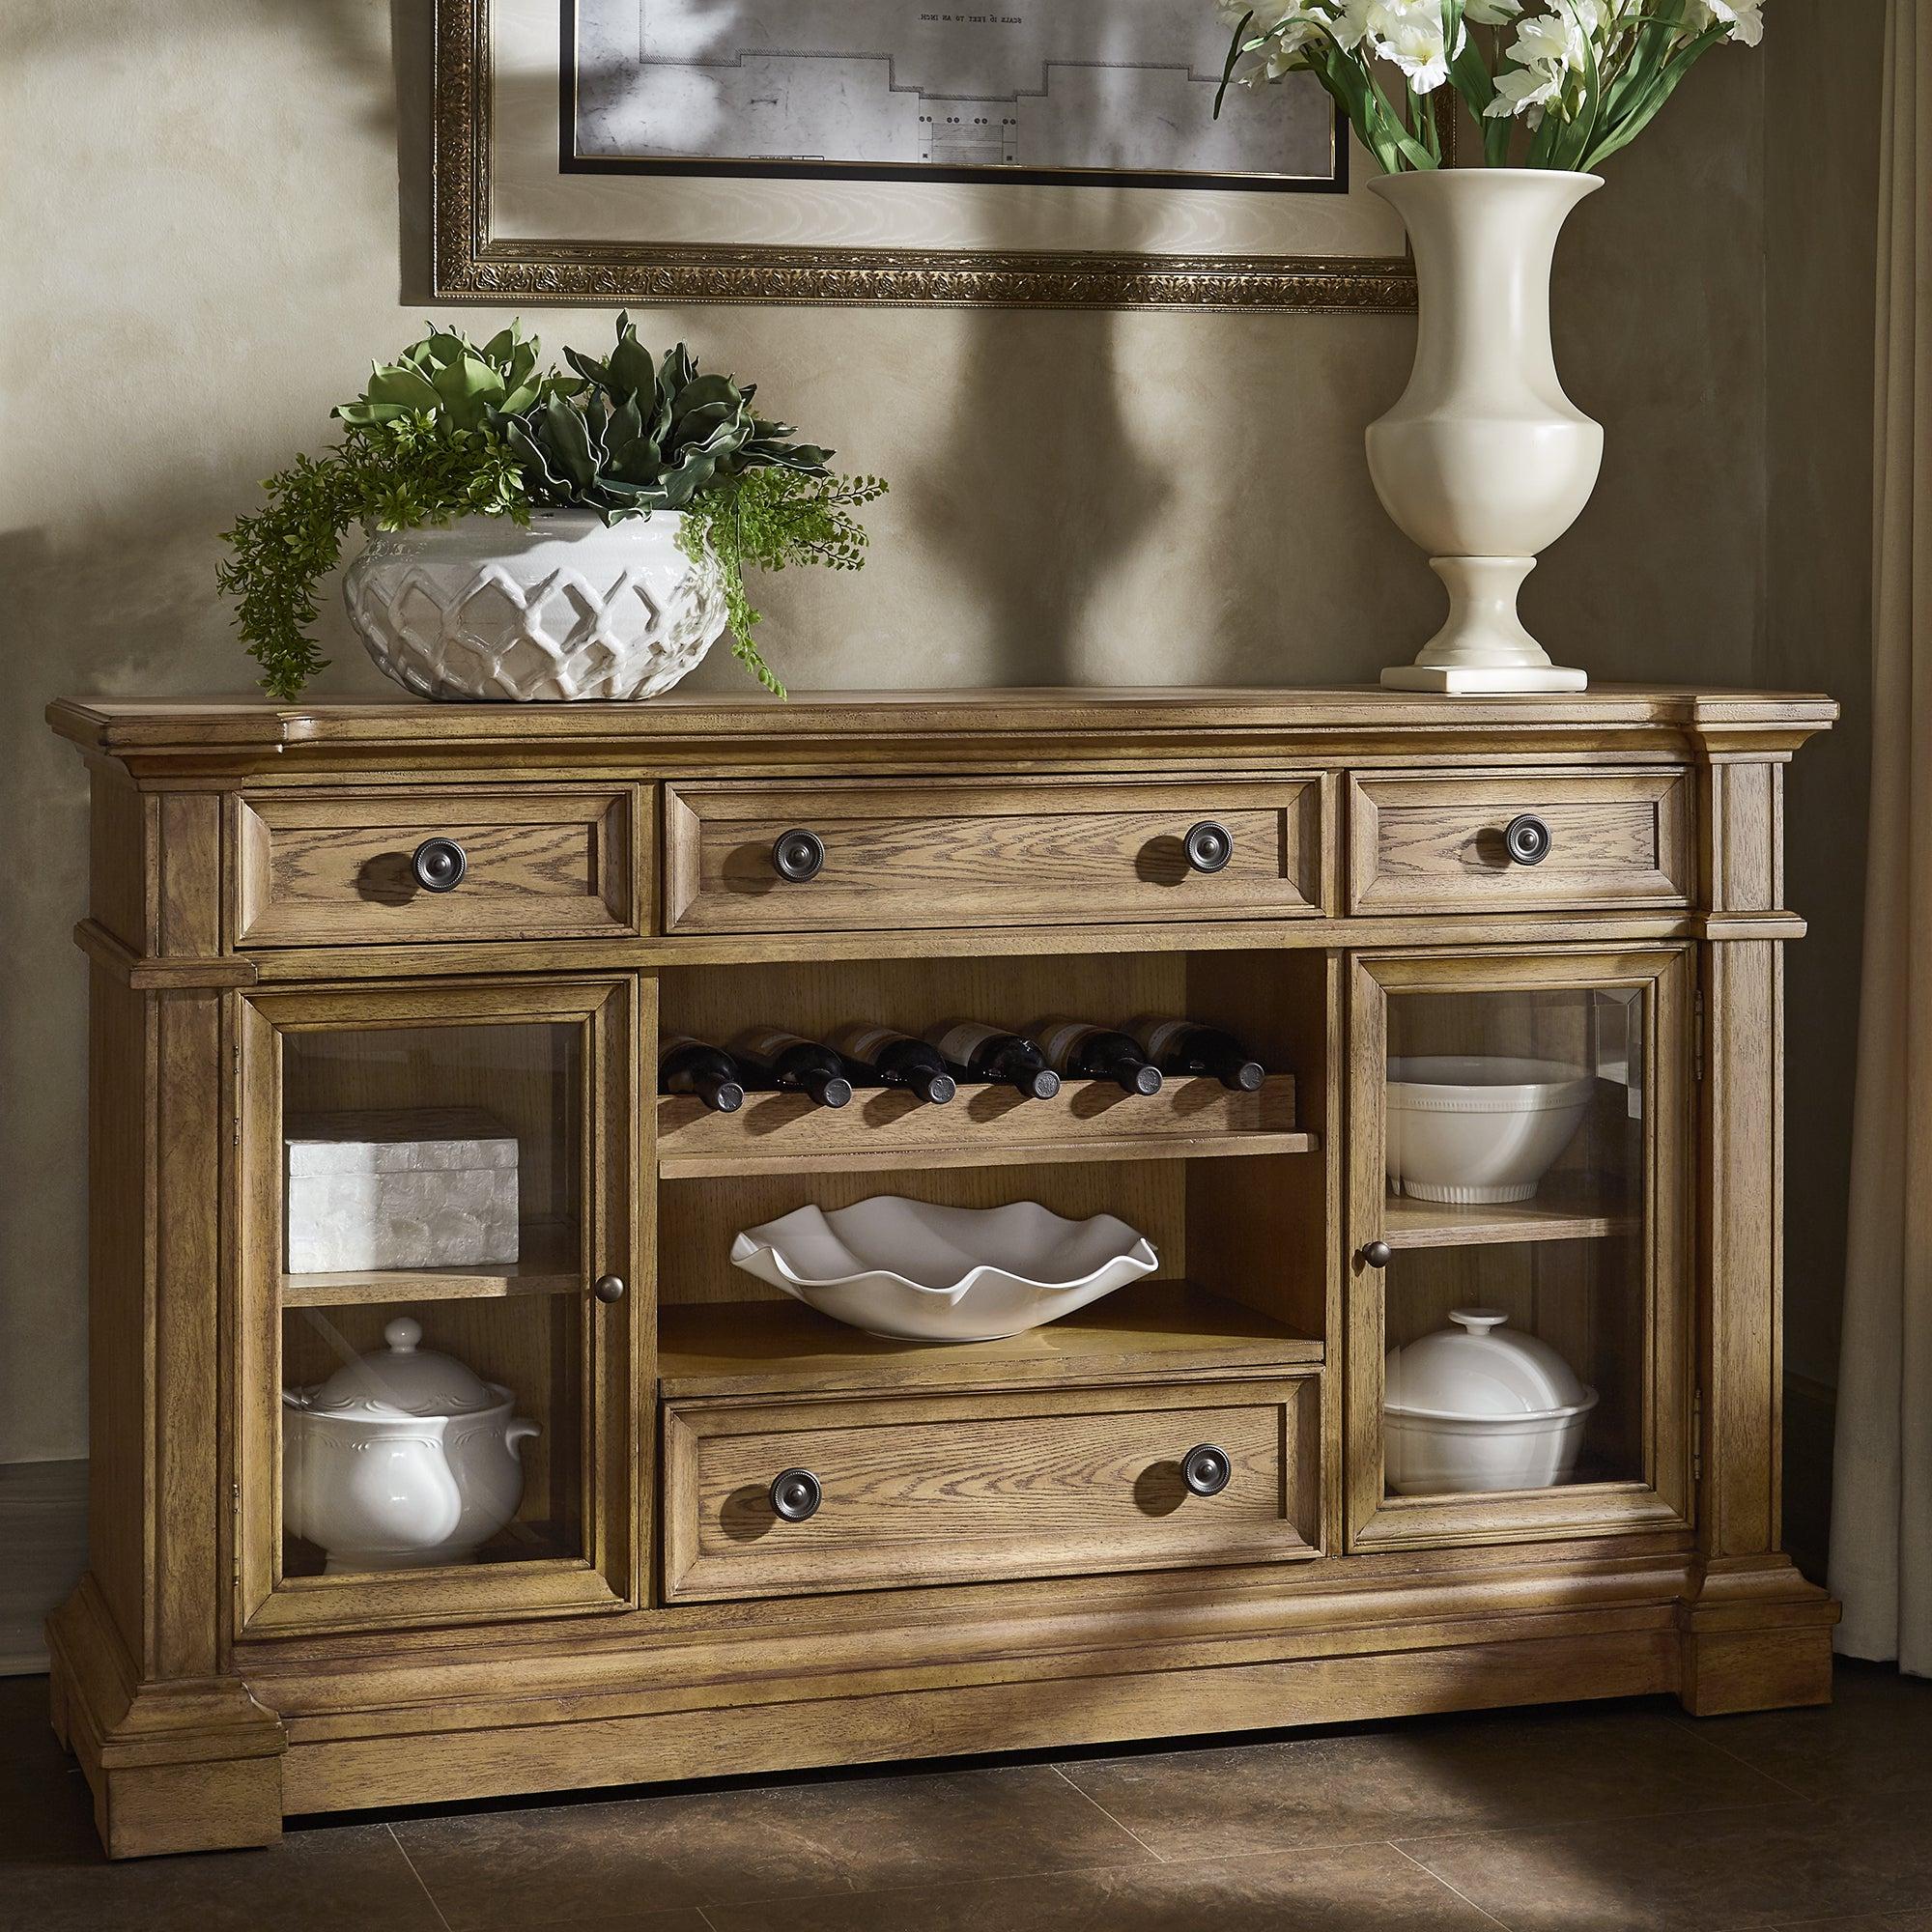 Gilderoy Natural Oak Finish Buffetinspire Q Artisan Throughout Modern Natural Oak Dining Buffets (Gallery 8 of 20)